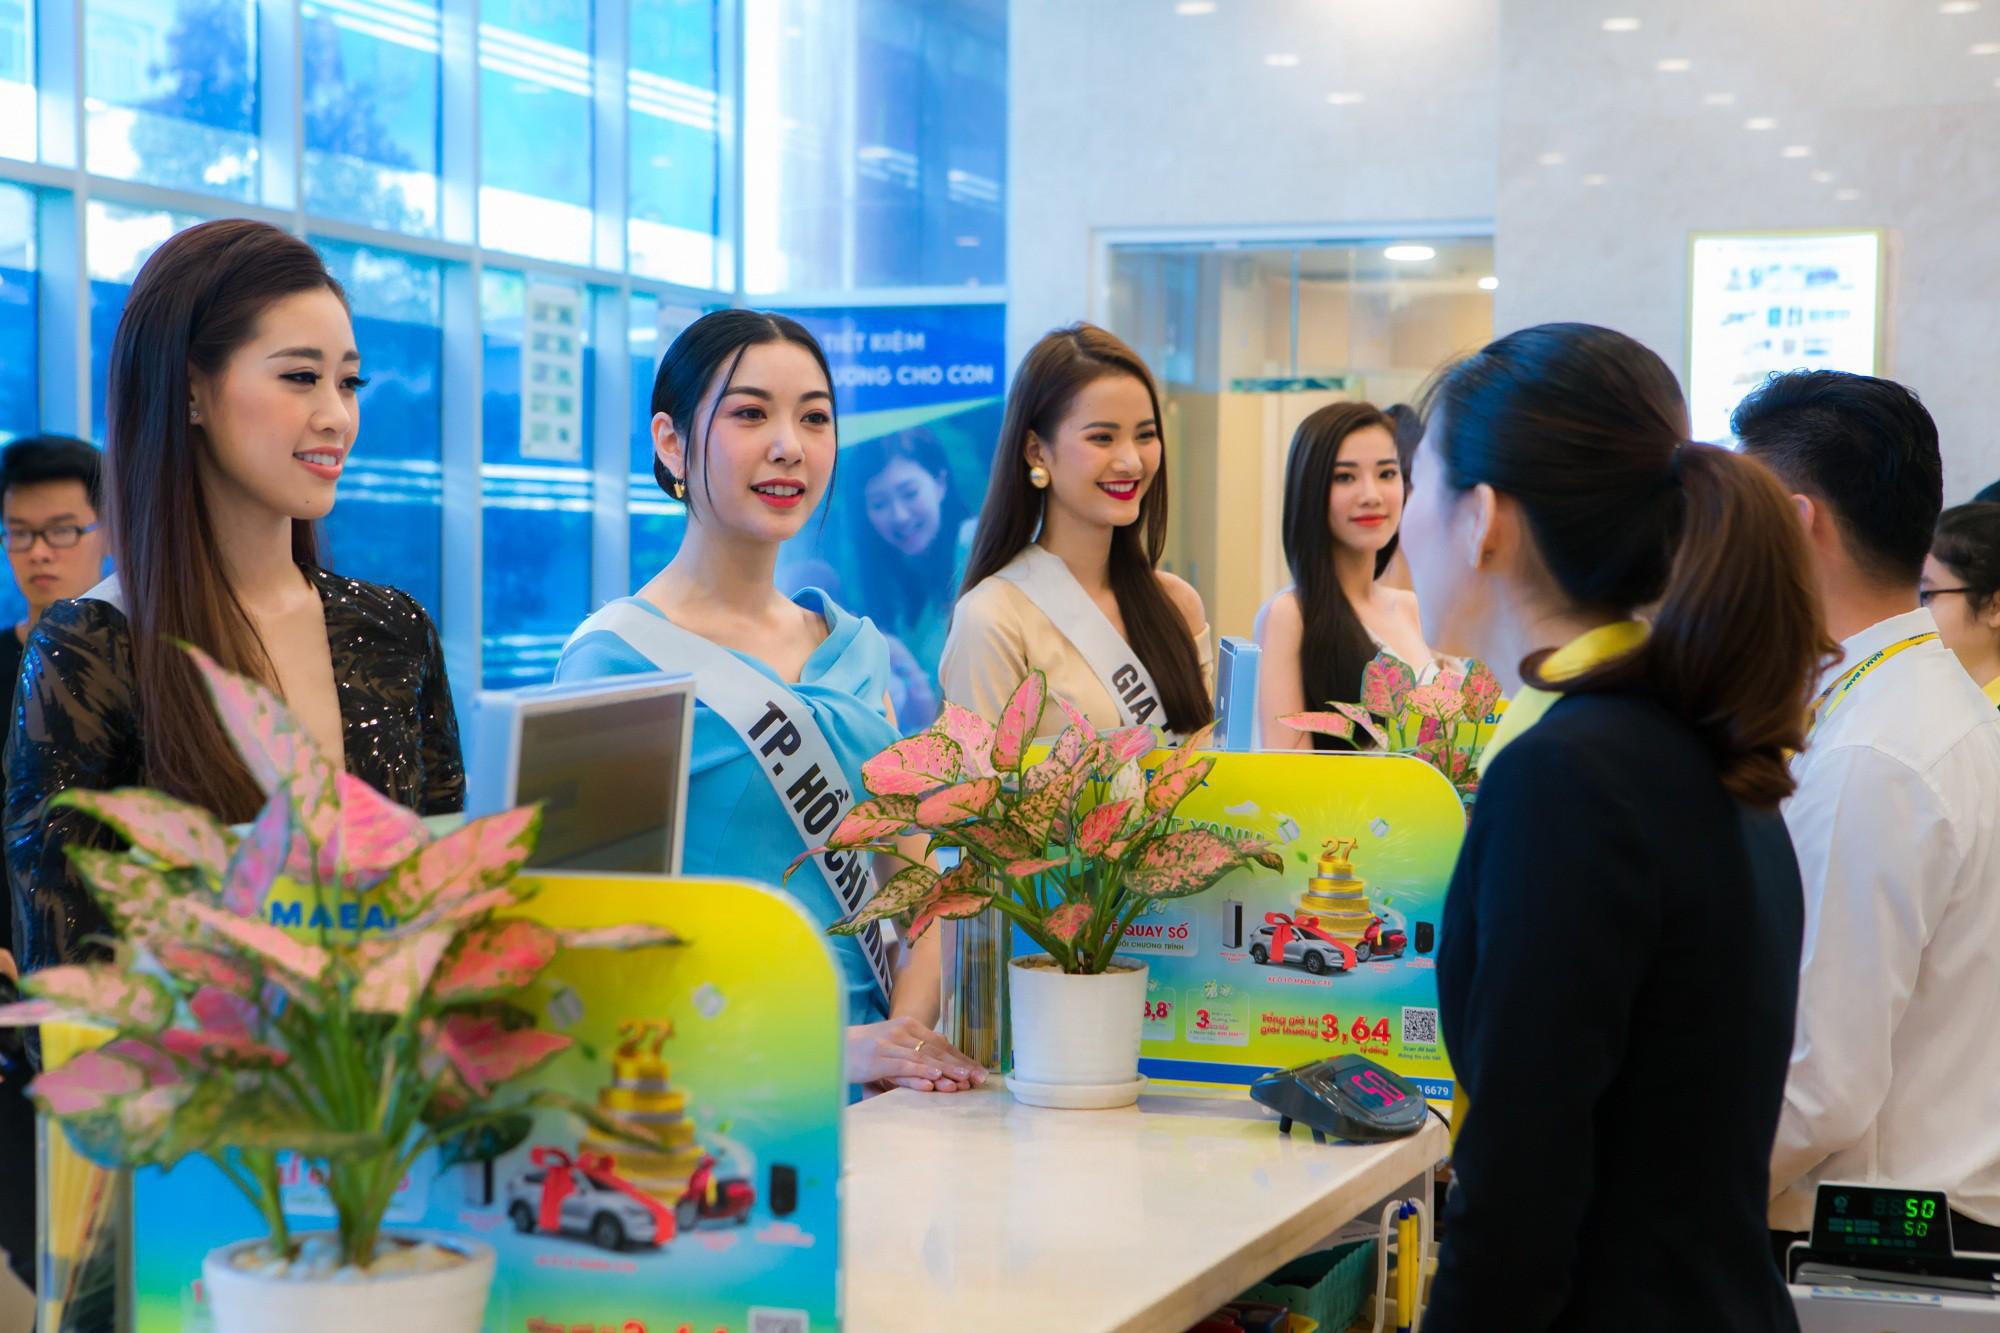 Top 60 Hoa hậu Hoàn Vũ Việt Nam 2019 trải nghiệm sản phẩm dịch vụ tài chính hiện đại tại Nam A Bank - Ảnh 1.